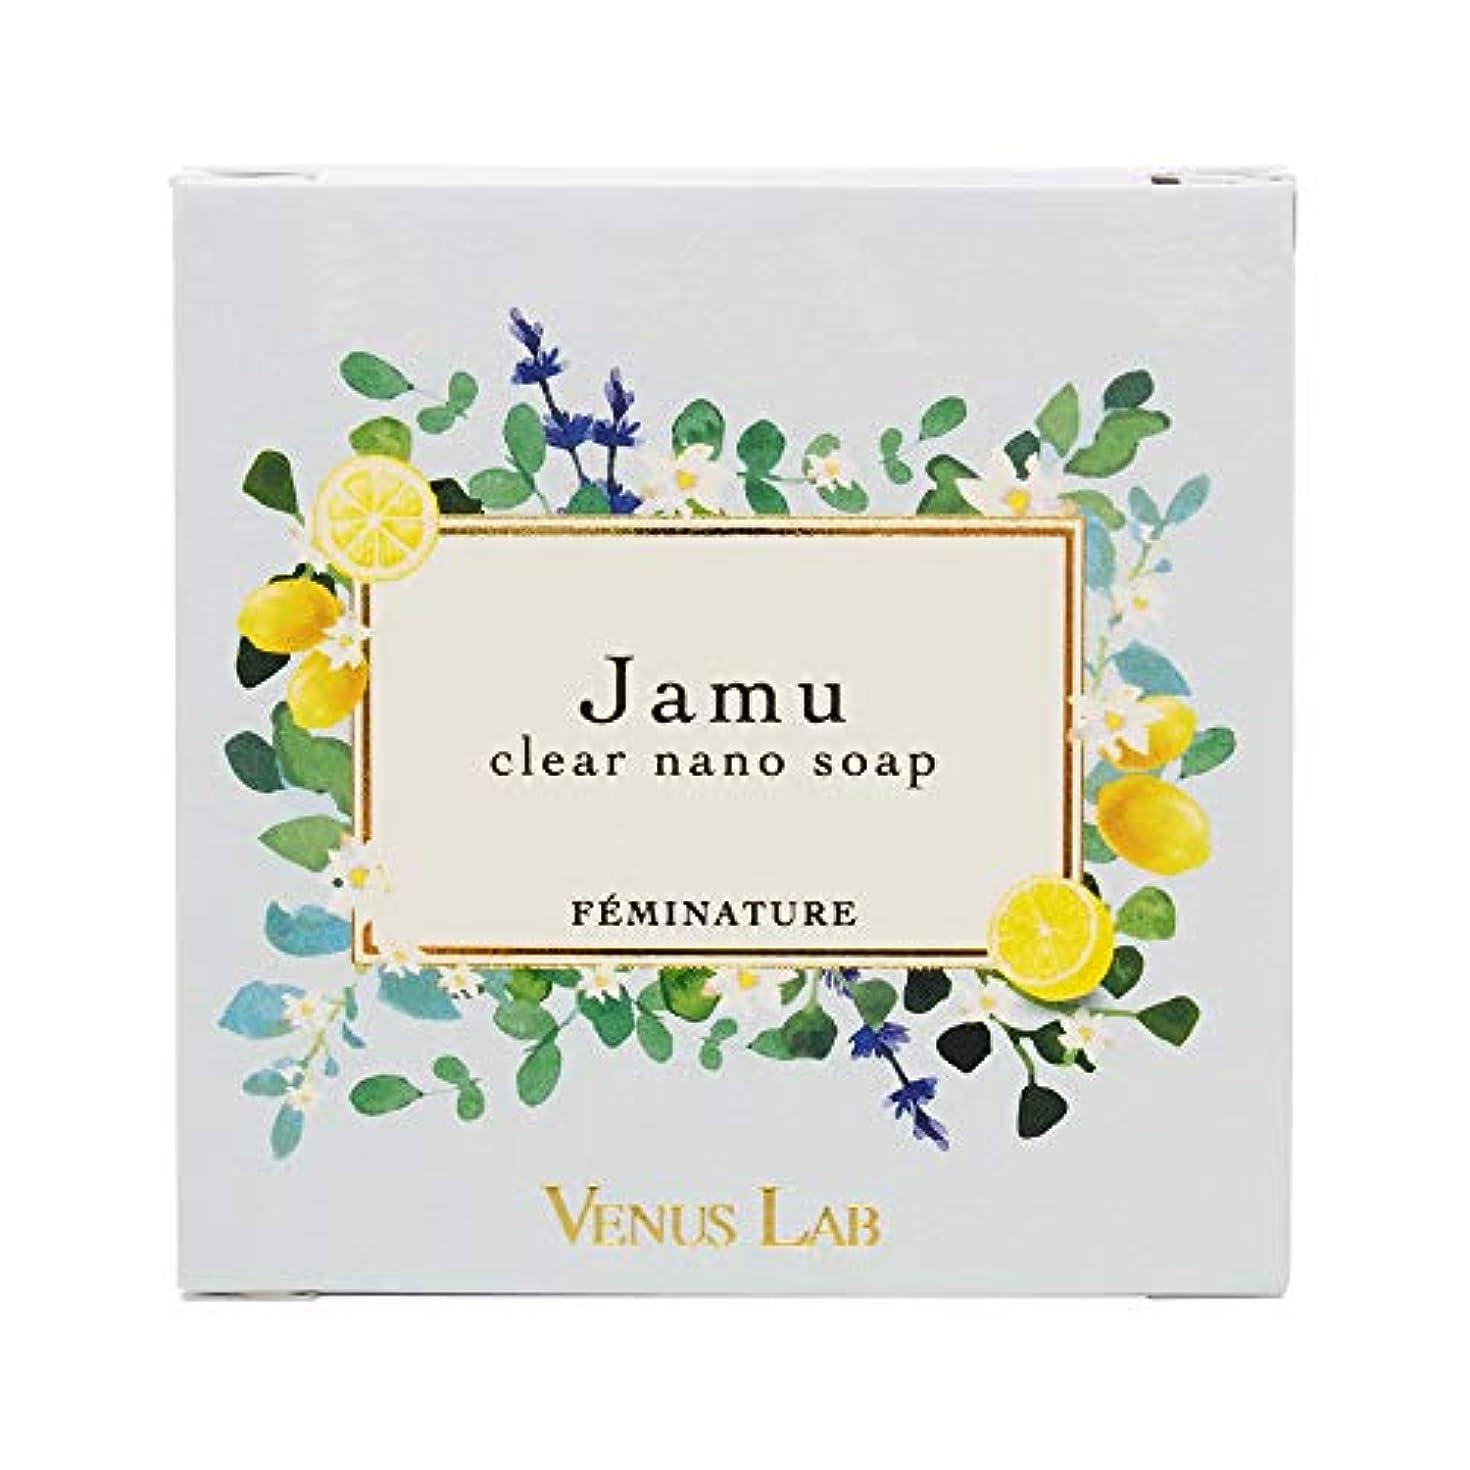 カカドゥ数のスコアヴィーナスラボ フェミナチュール ジャムウクリアナノソープ 石鹸 レモングラスの香り 100g